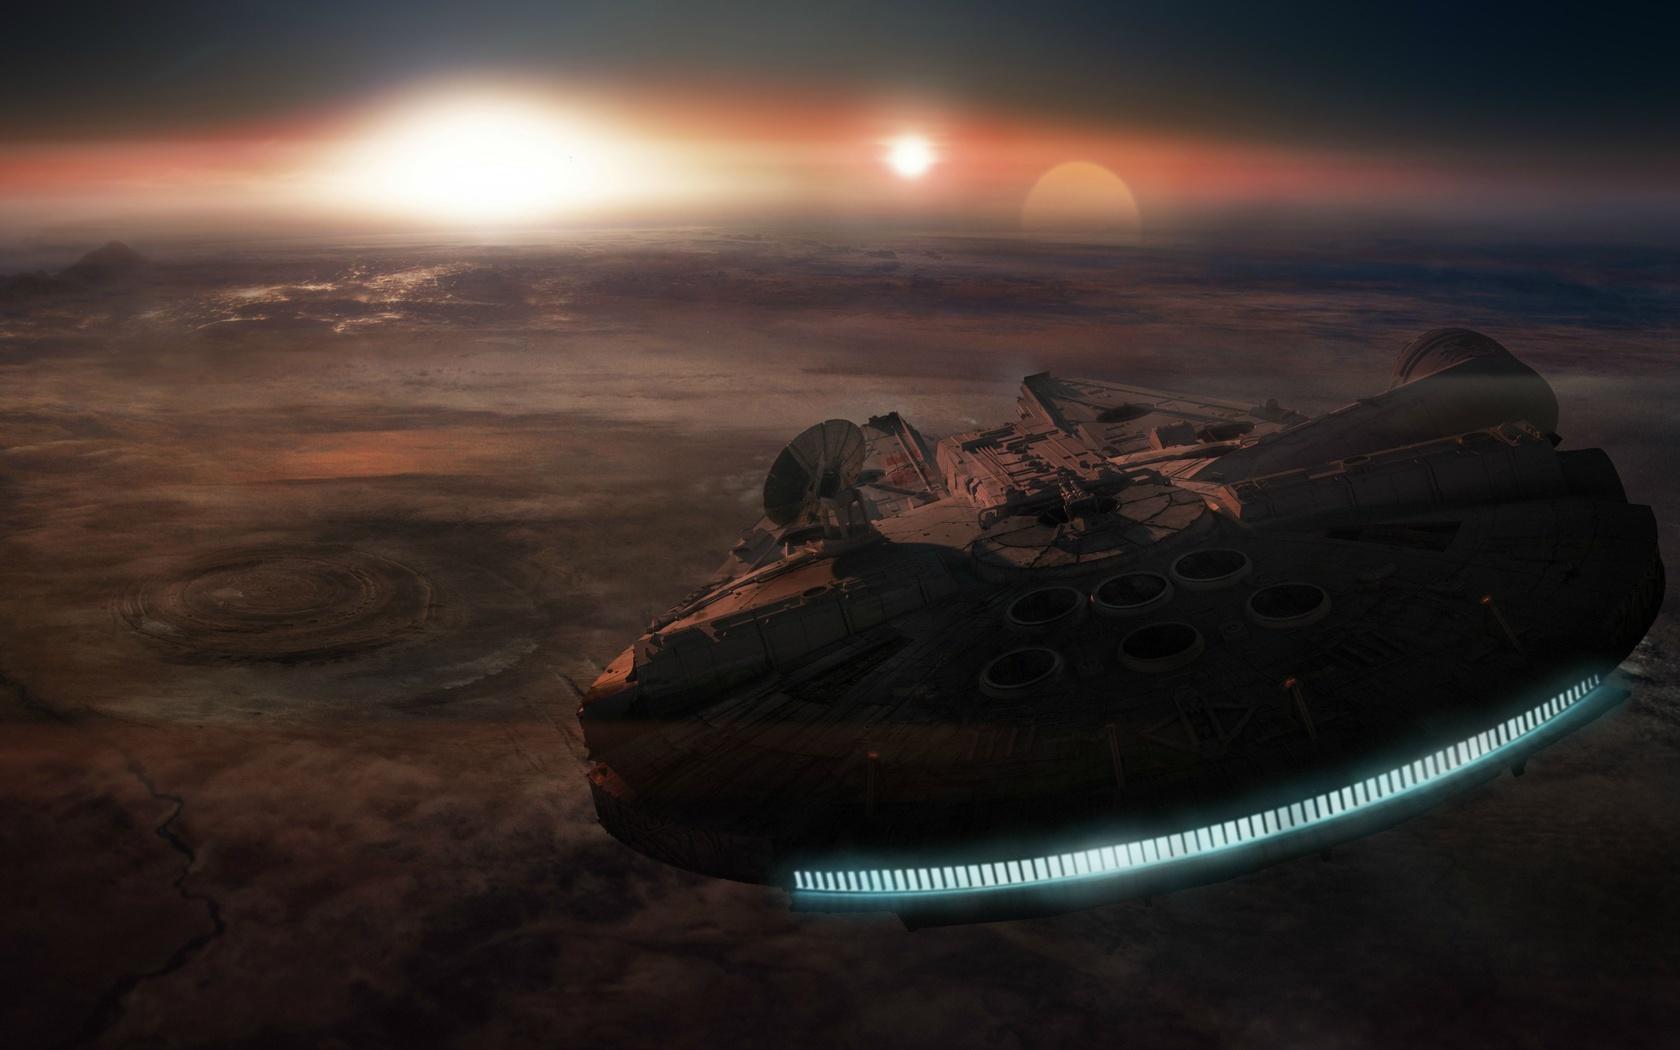 планета, поверхность, корабль, космос, звездные войны, star wars, сокол тысячелетия